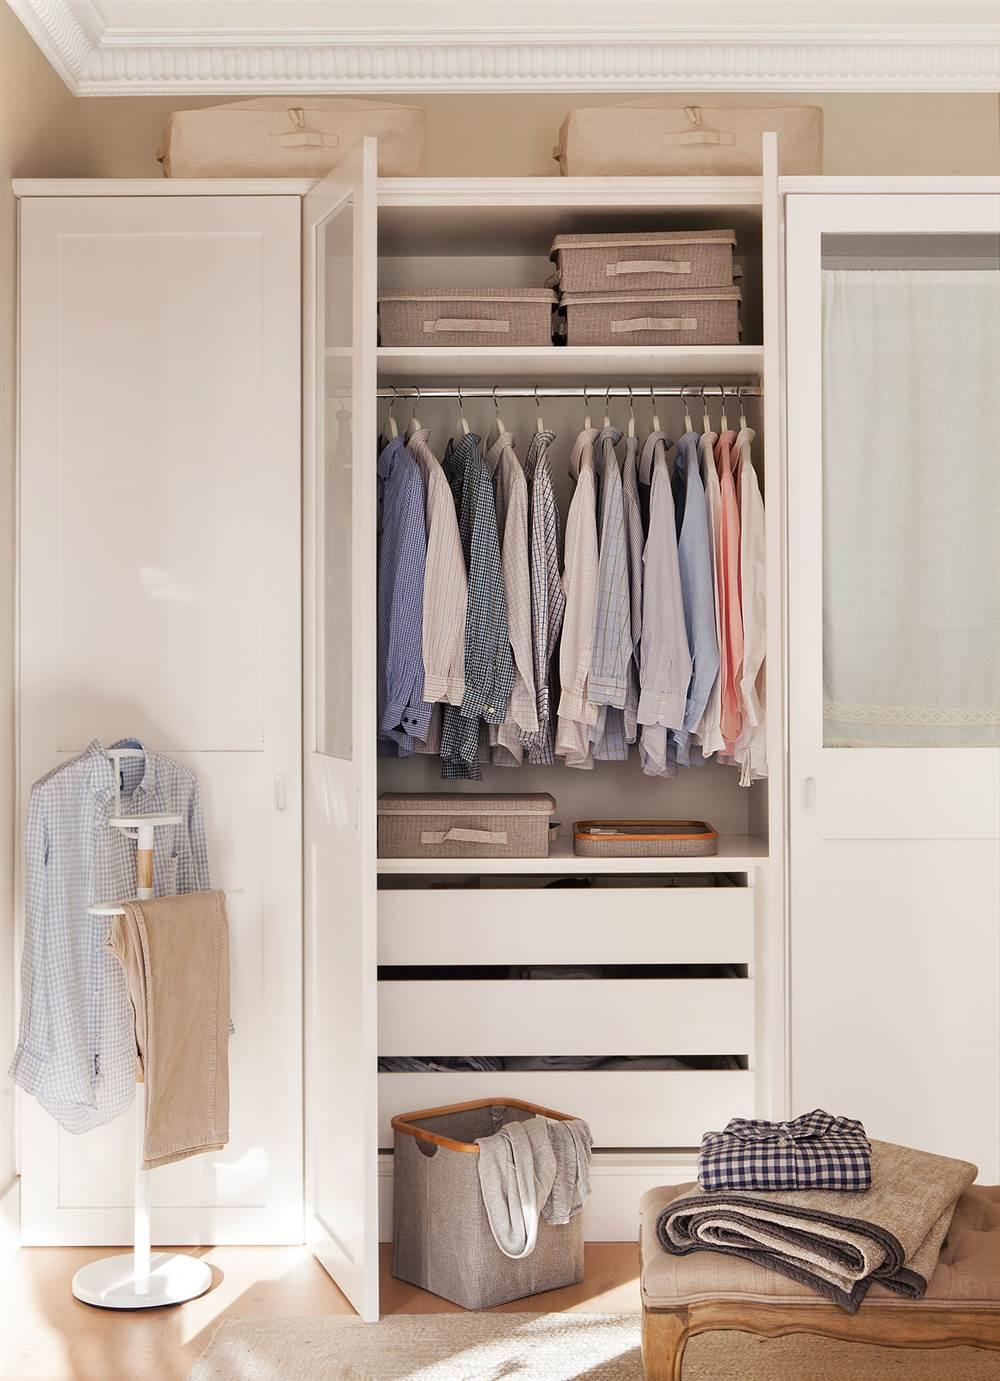 Armario De Ropa Interior : C?mo organizar bien el armario